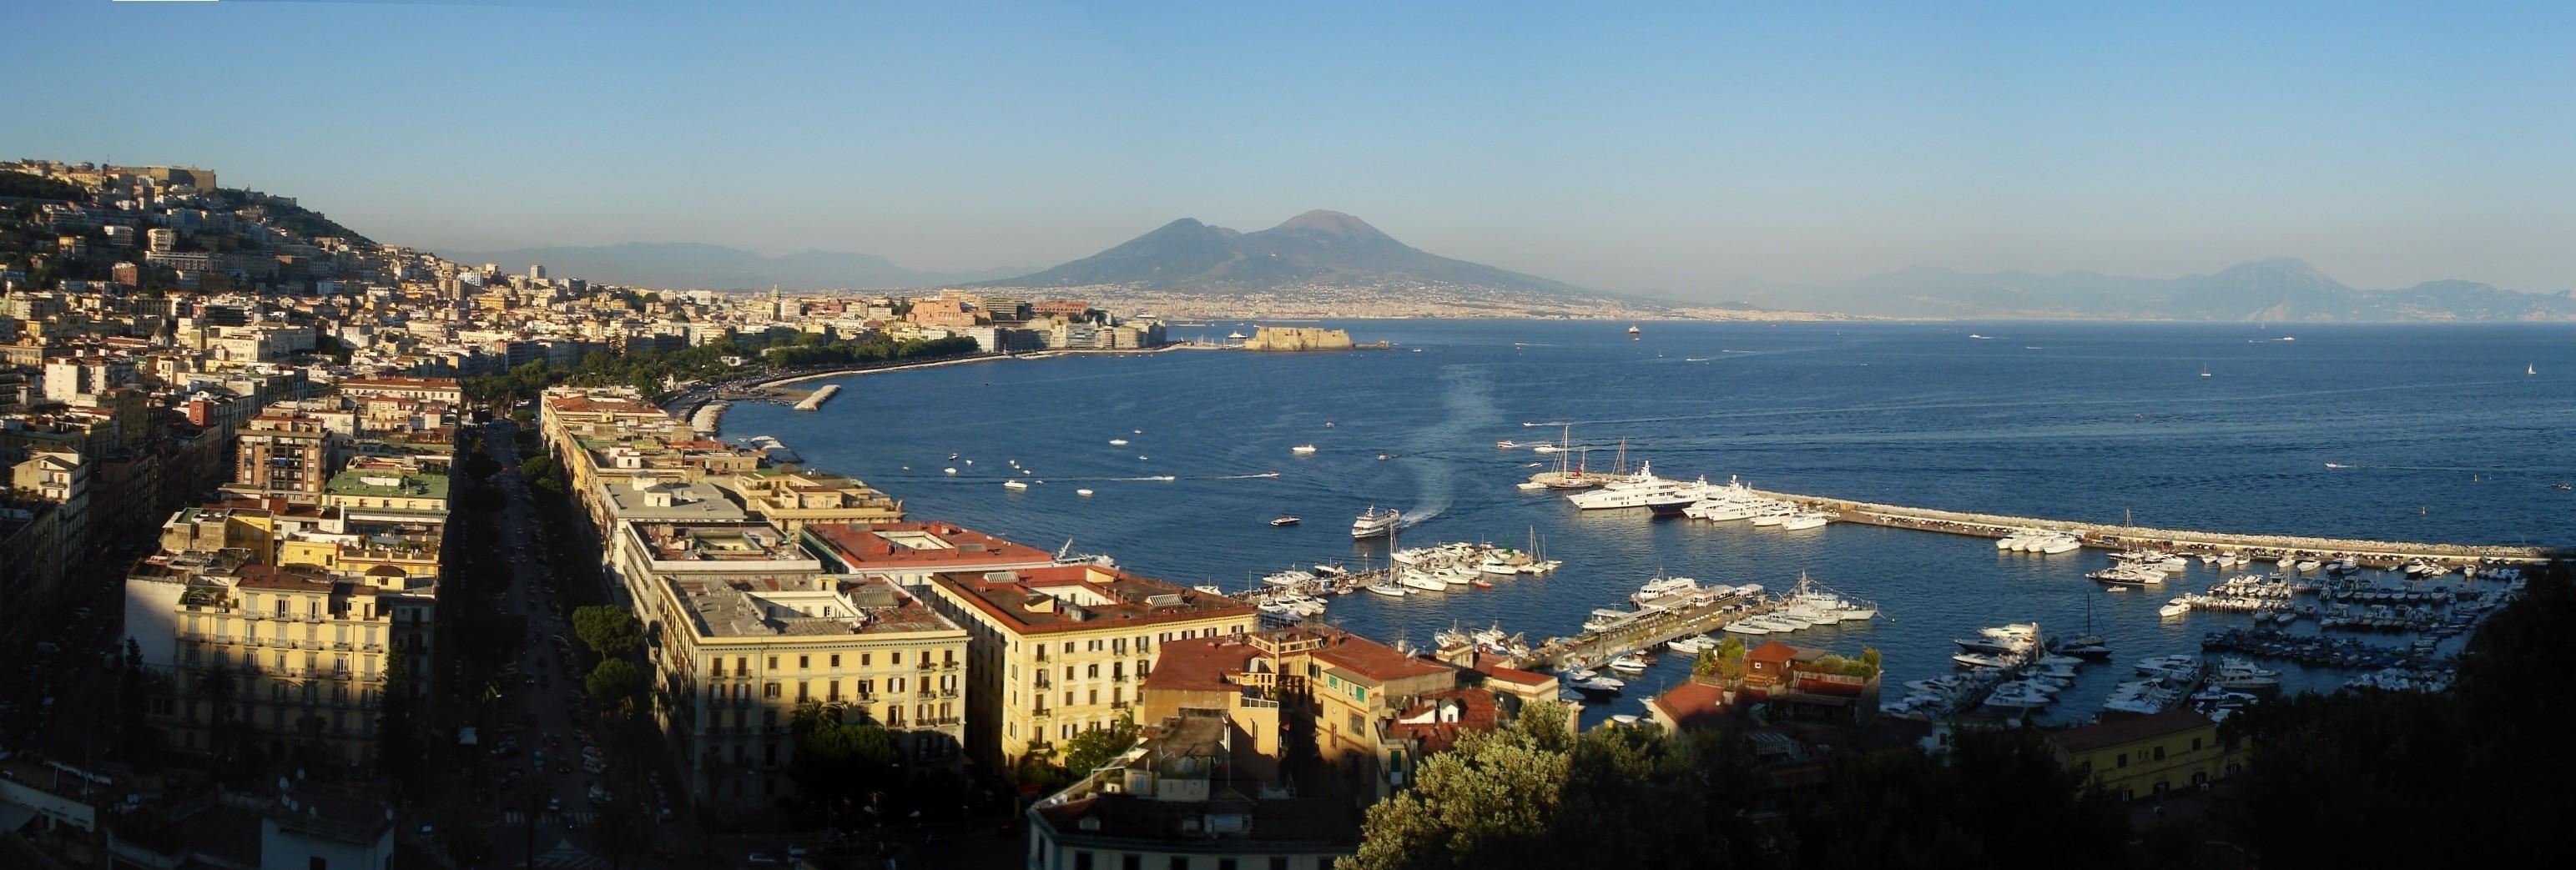 CHIESA DI SANT\'ANTONIO A POSILLIPO – Cose di Napoli